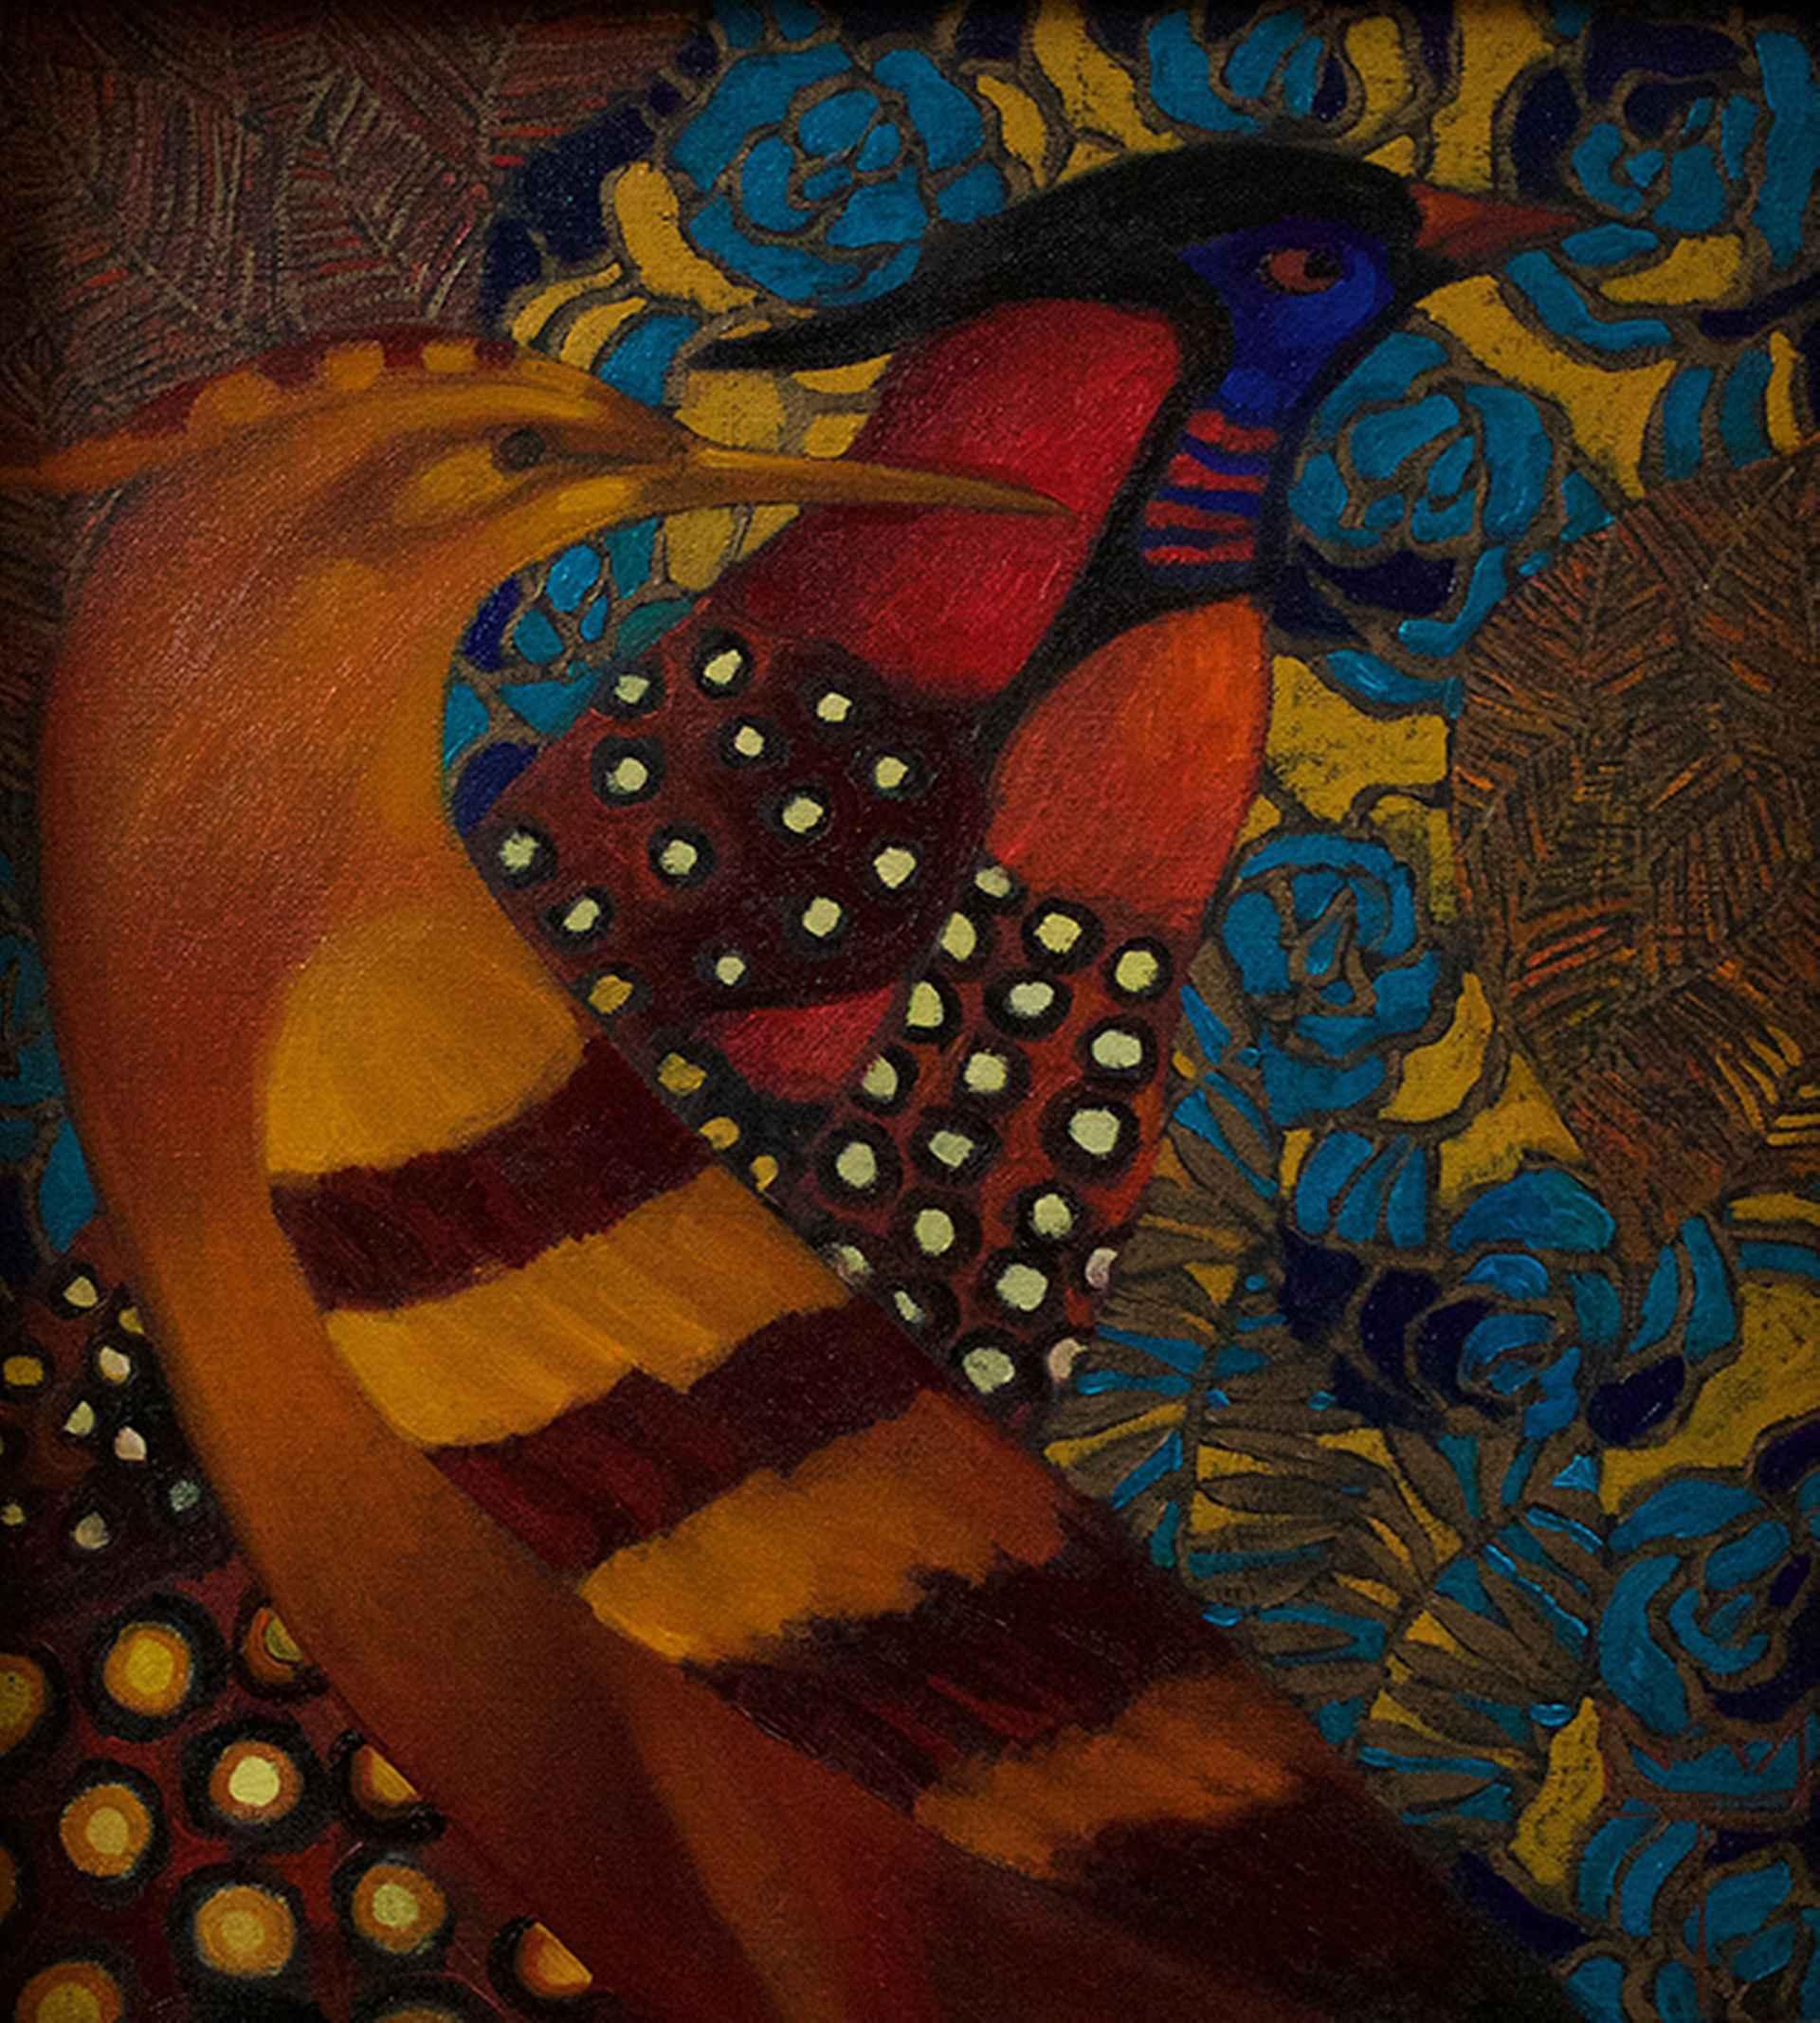 Birds II by Timur D'Vatz